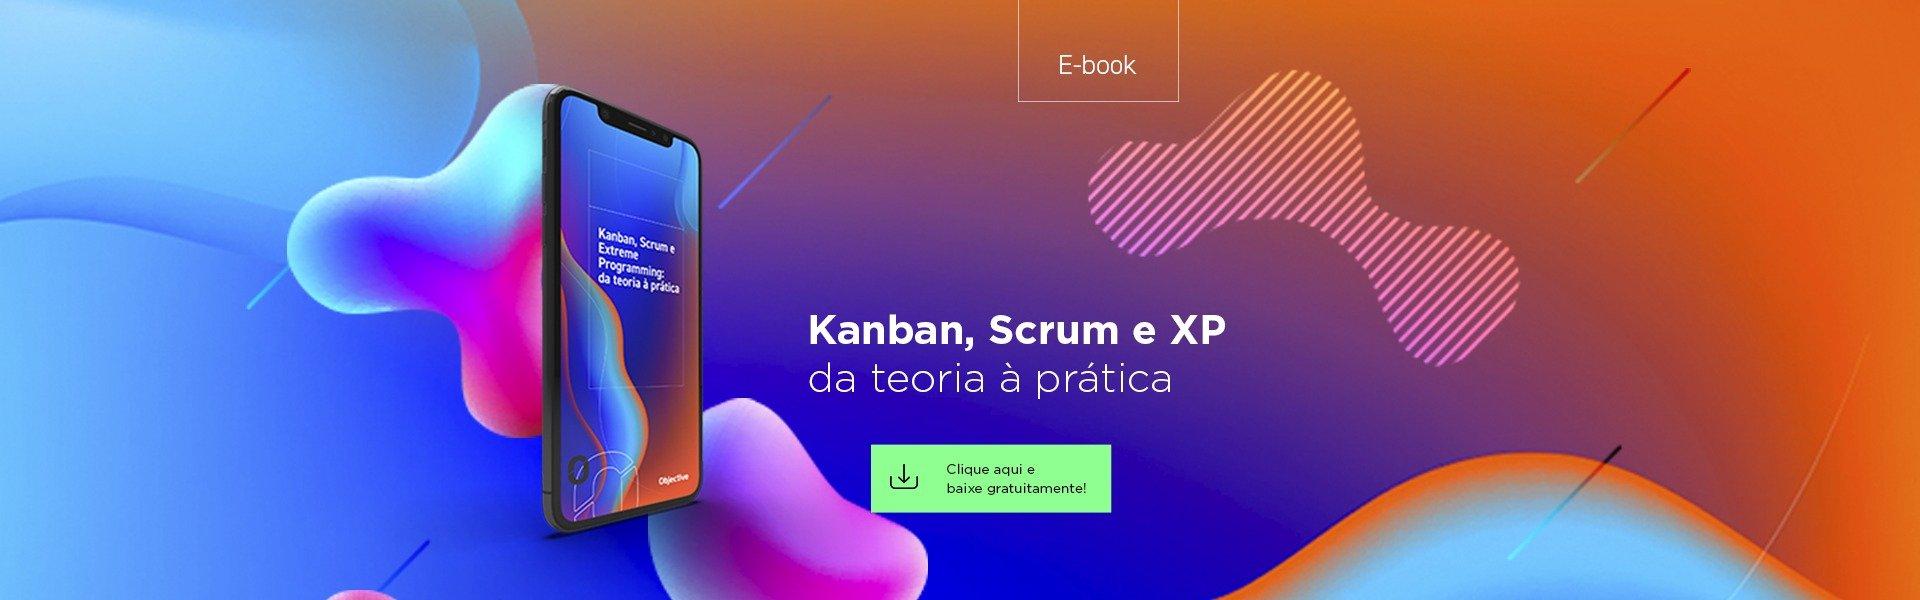 Kanban, Scrum e XP